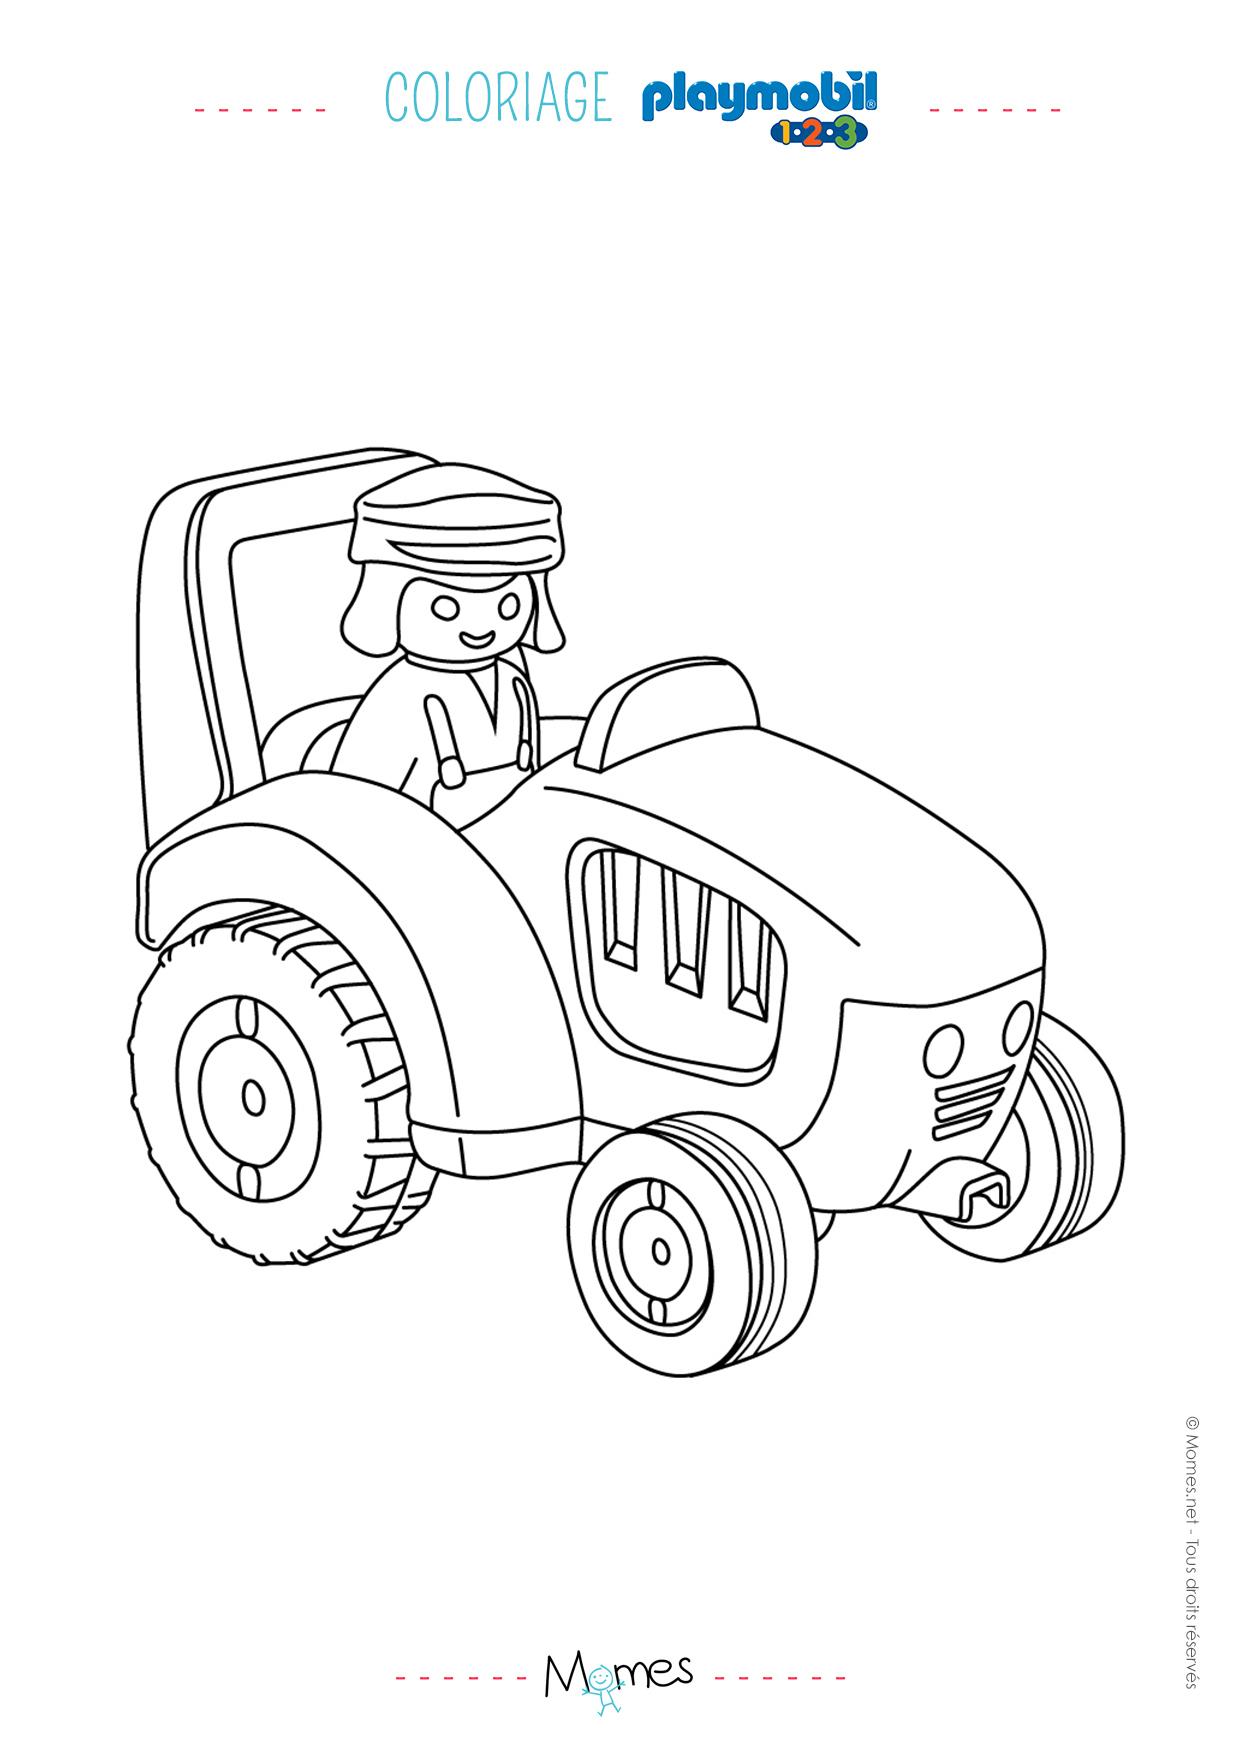 Coloriage Le Fermier Et Le Tracteur De Playmobil 123 - Momes intérieur Dessin De Tracteur À Colorier